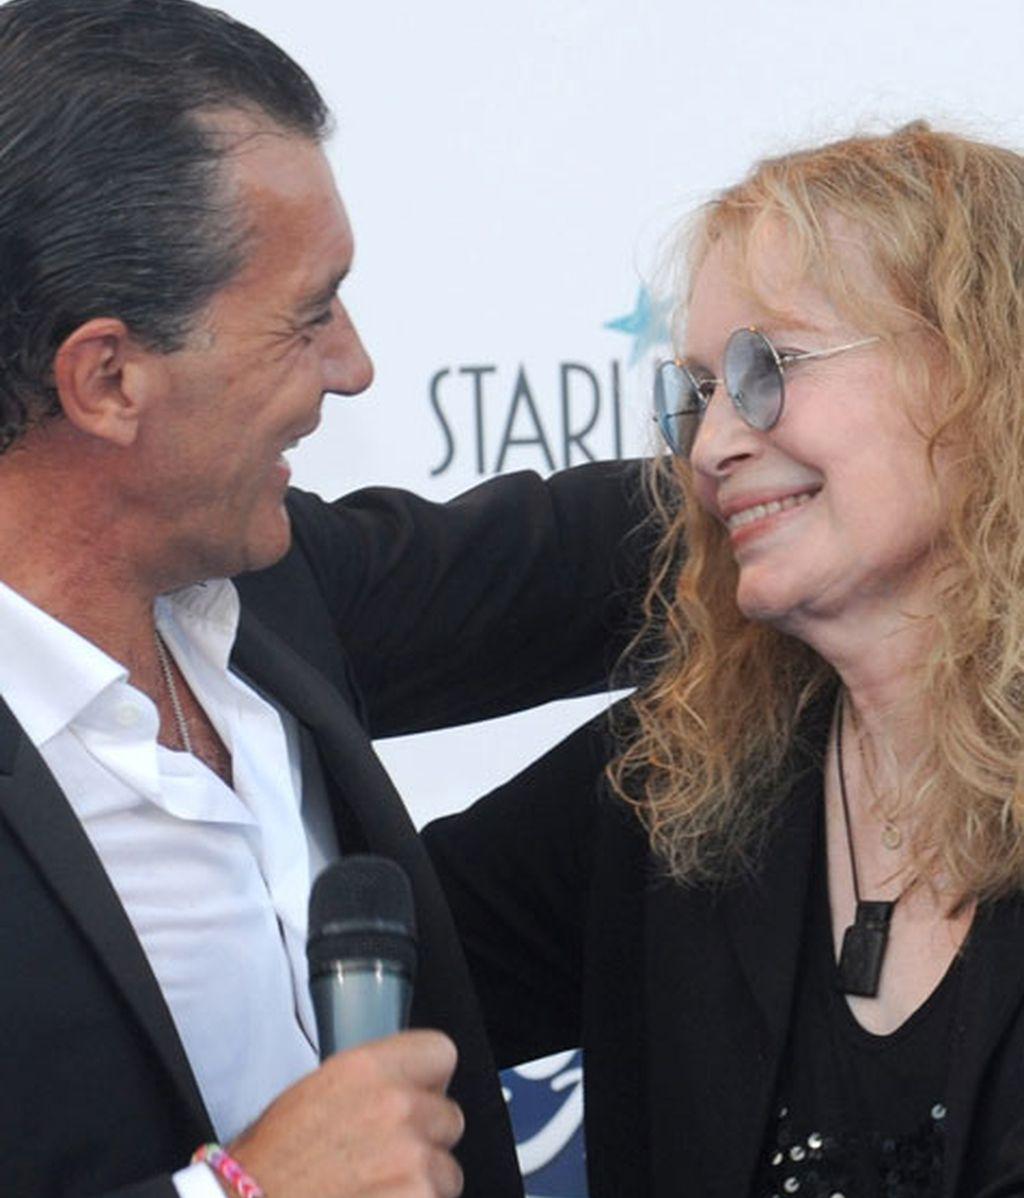 Antonio Banderas acudió en compañía de su amiga Mía Farrow